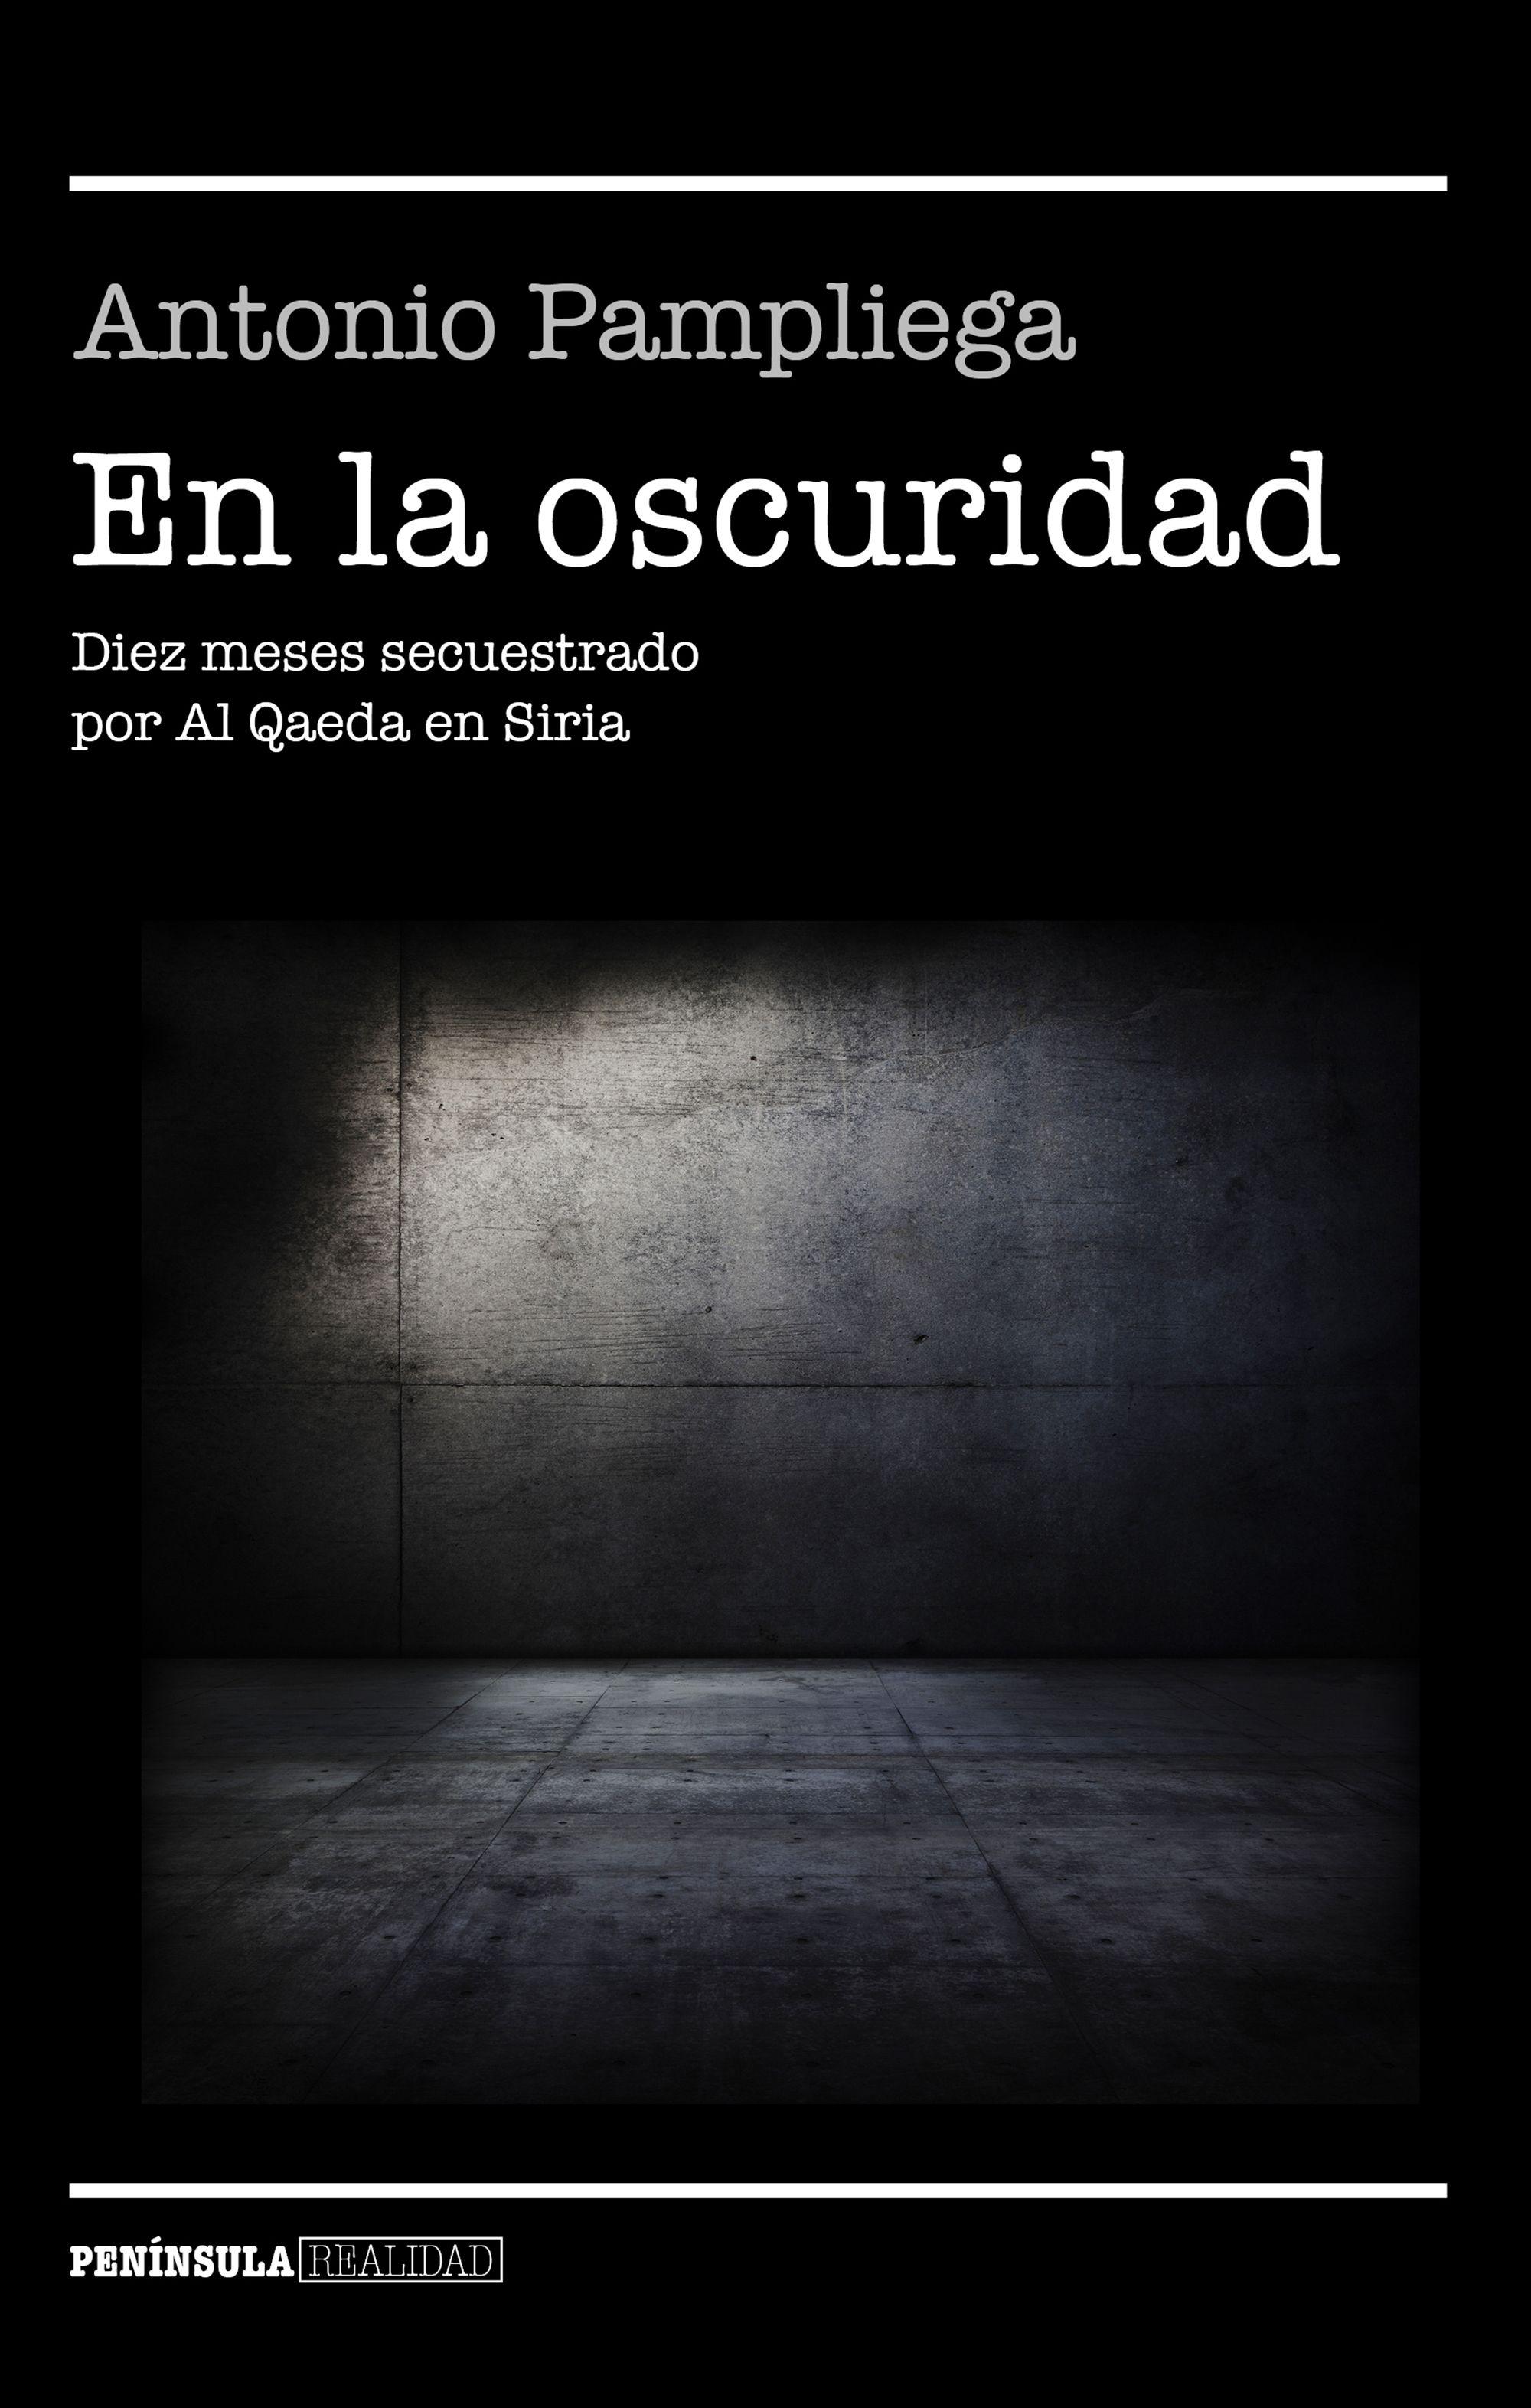 'En la oscuridad', de Antonio Pampliega I La Marea